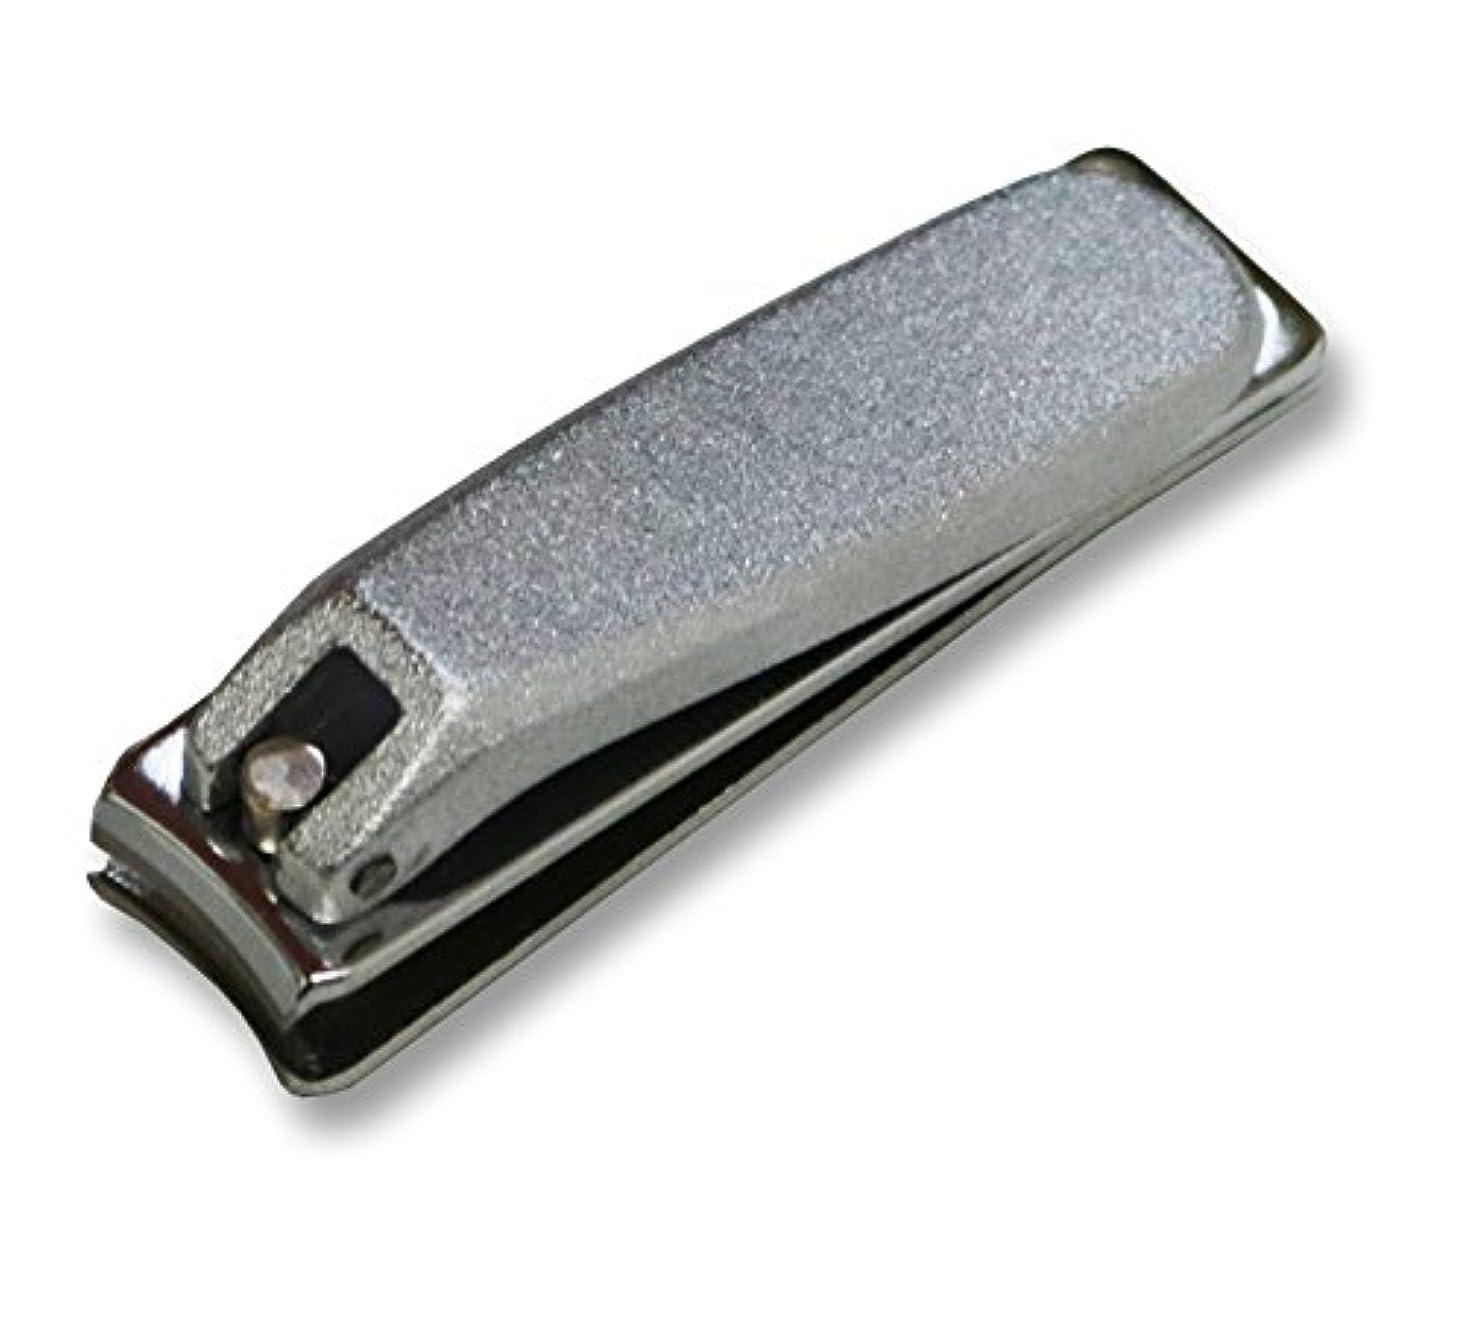 ぼかすクリスチャン矢KD-023 関の刃物 クローム爪切 小 カバー無